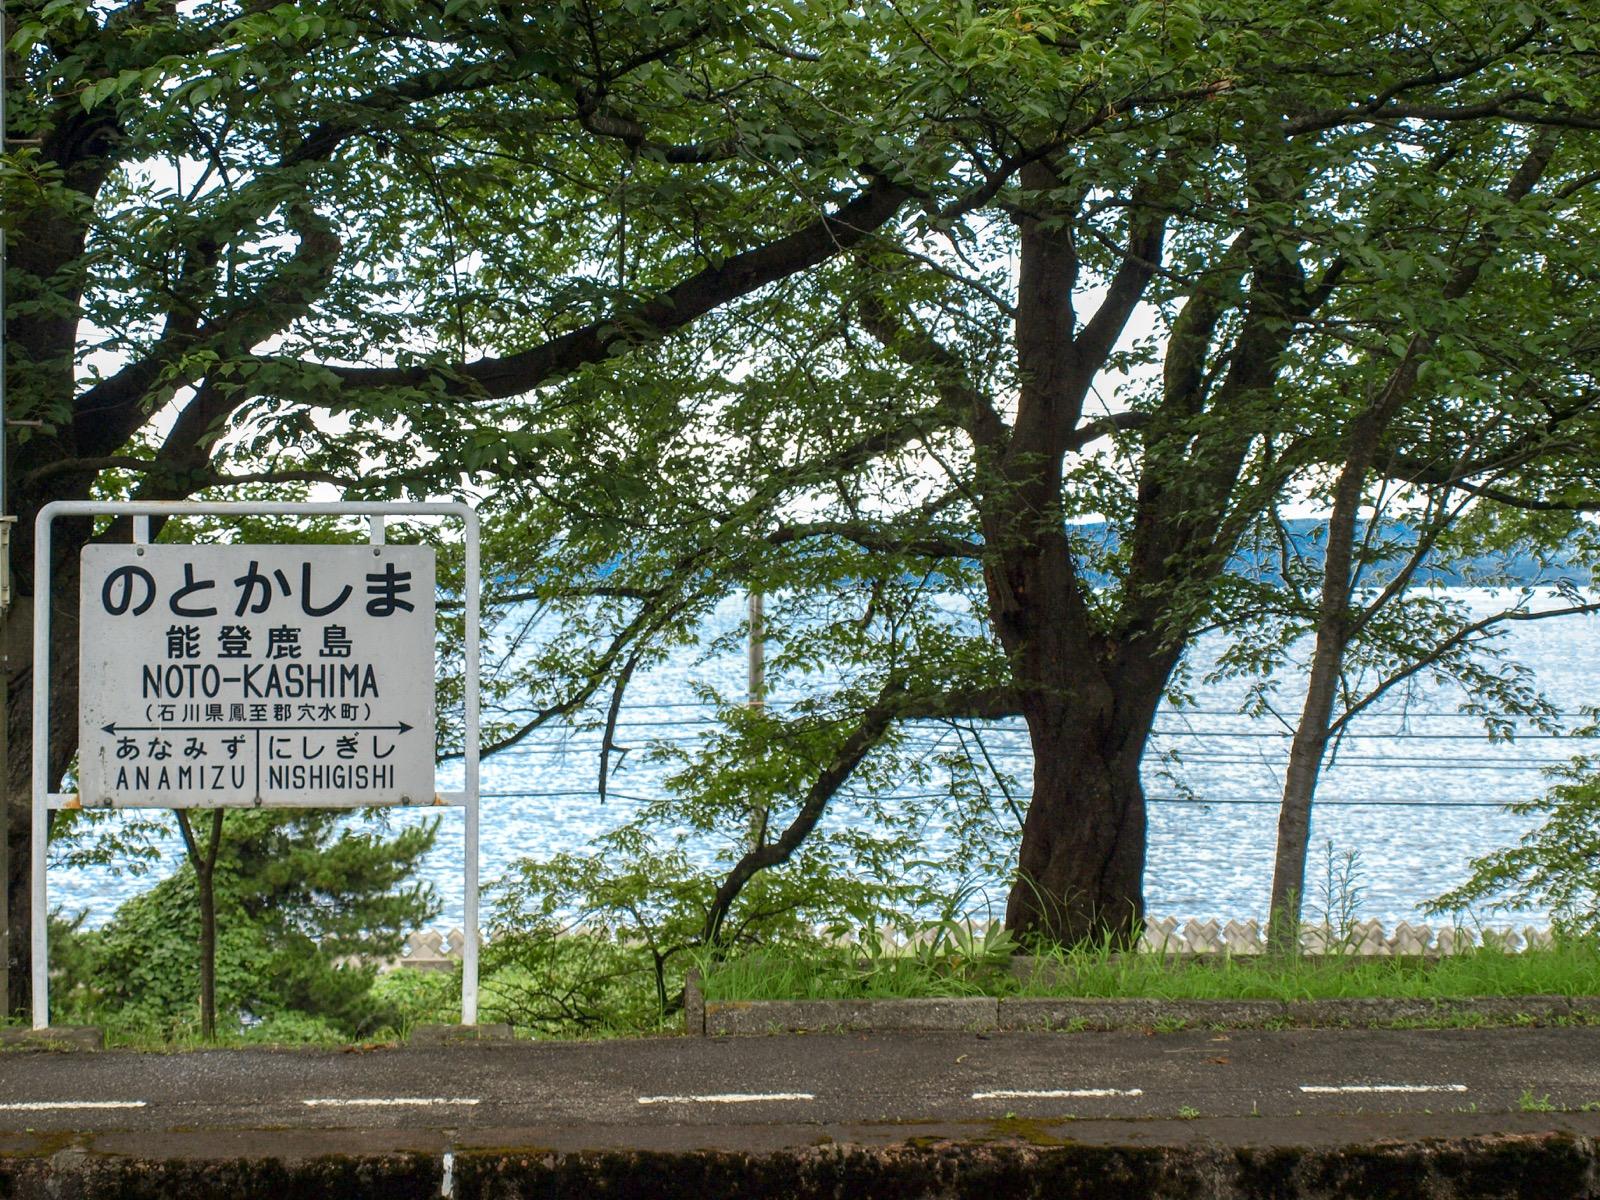 ホームからは桜と海が同時に見えます。春にぜひまた訪れたくなります。